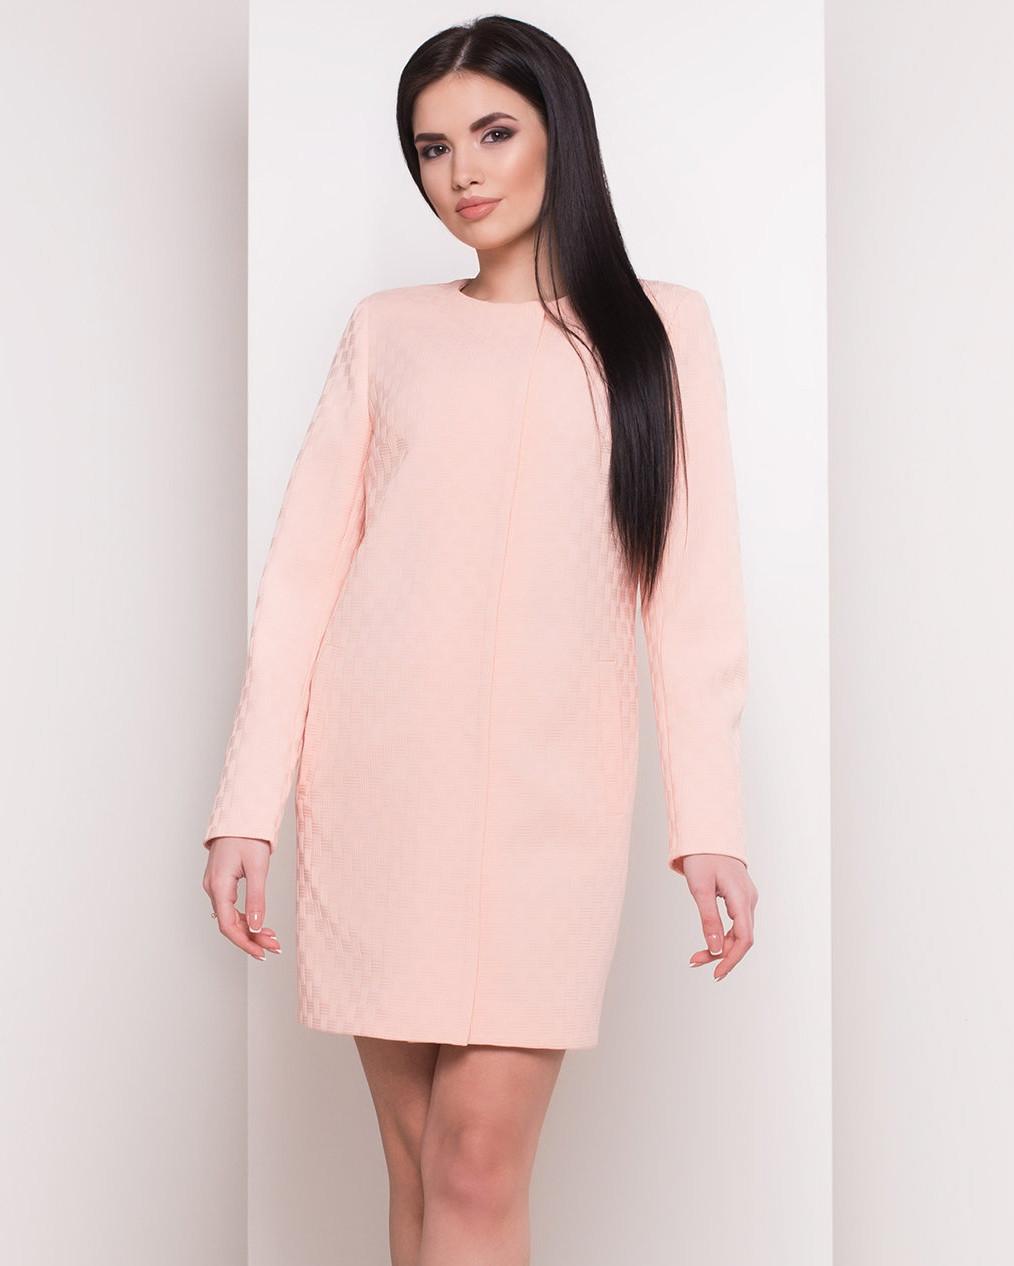 Женский плащ пудрового цвета с тиснением. Модель 34073.